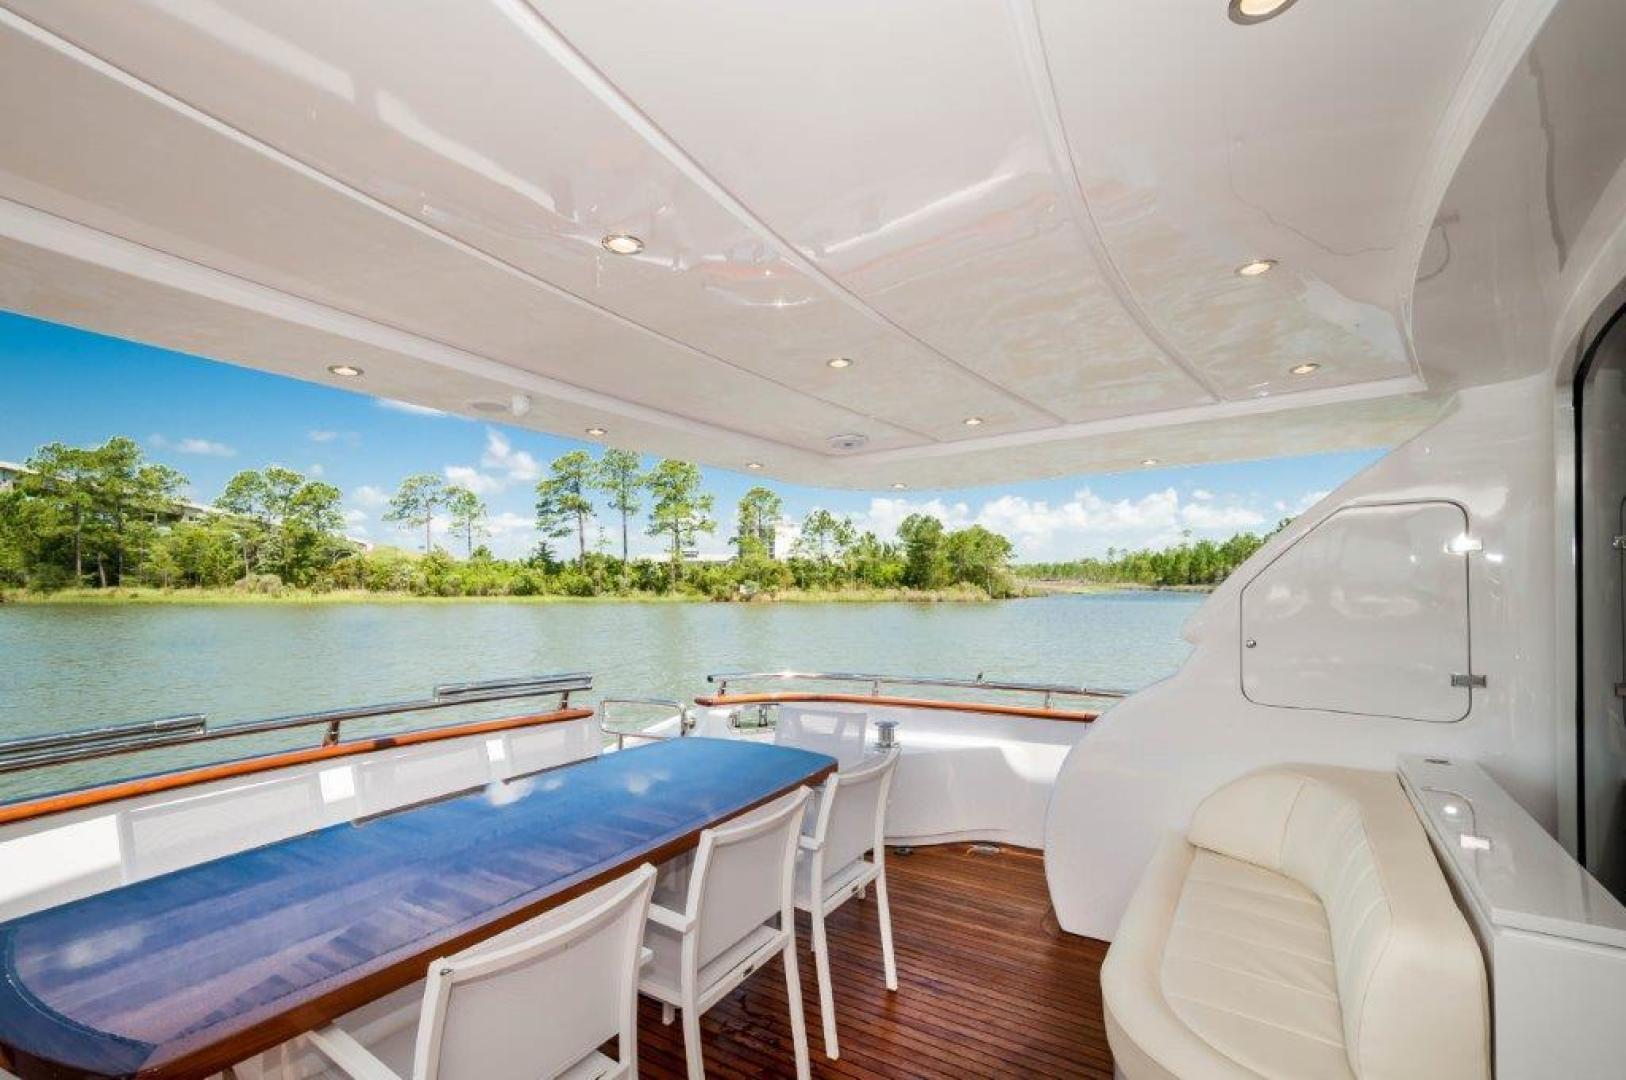 Maiora-84 Motor Yacht 2015-Never Rest SANDESTIN-Florida-United States-2015 Maiora 84 Motor Yacht Cockpit Never Rest-720588 | Thumbnail